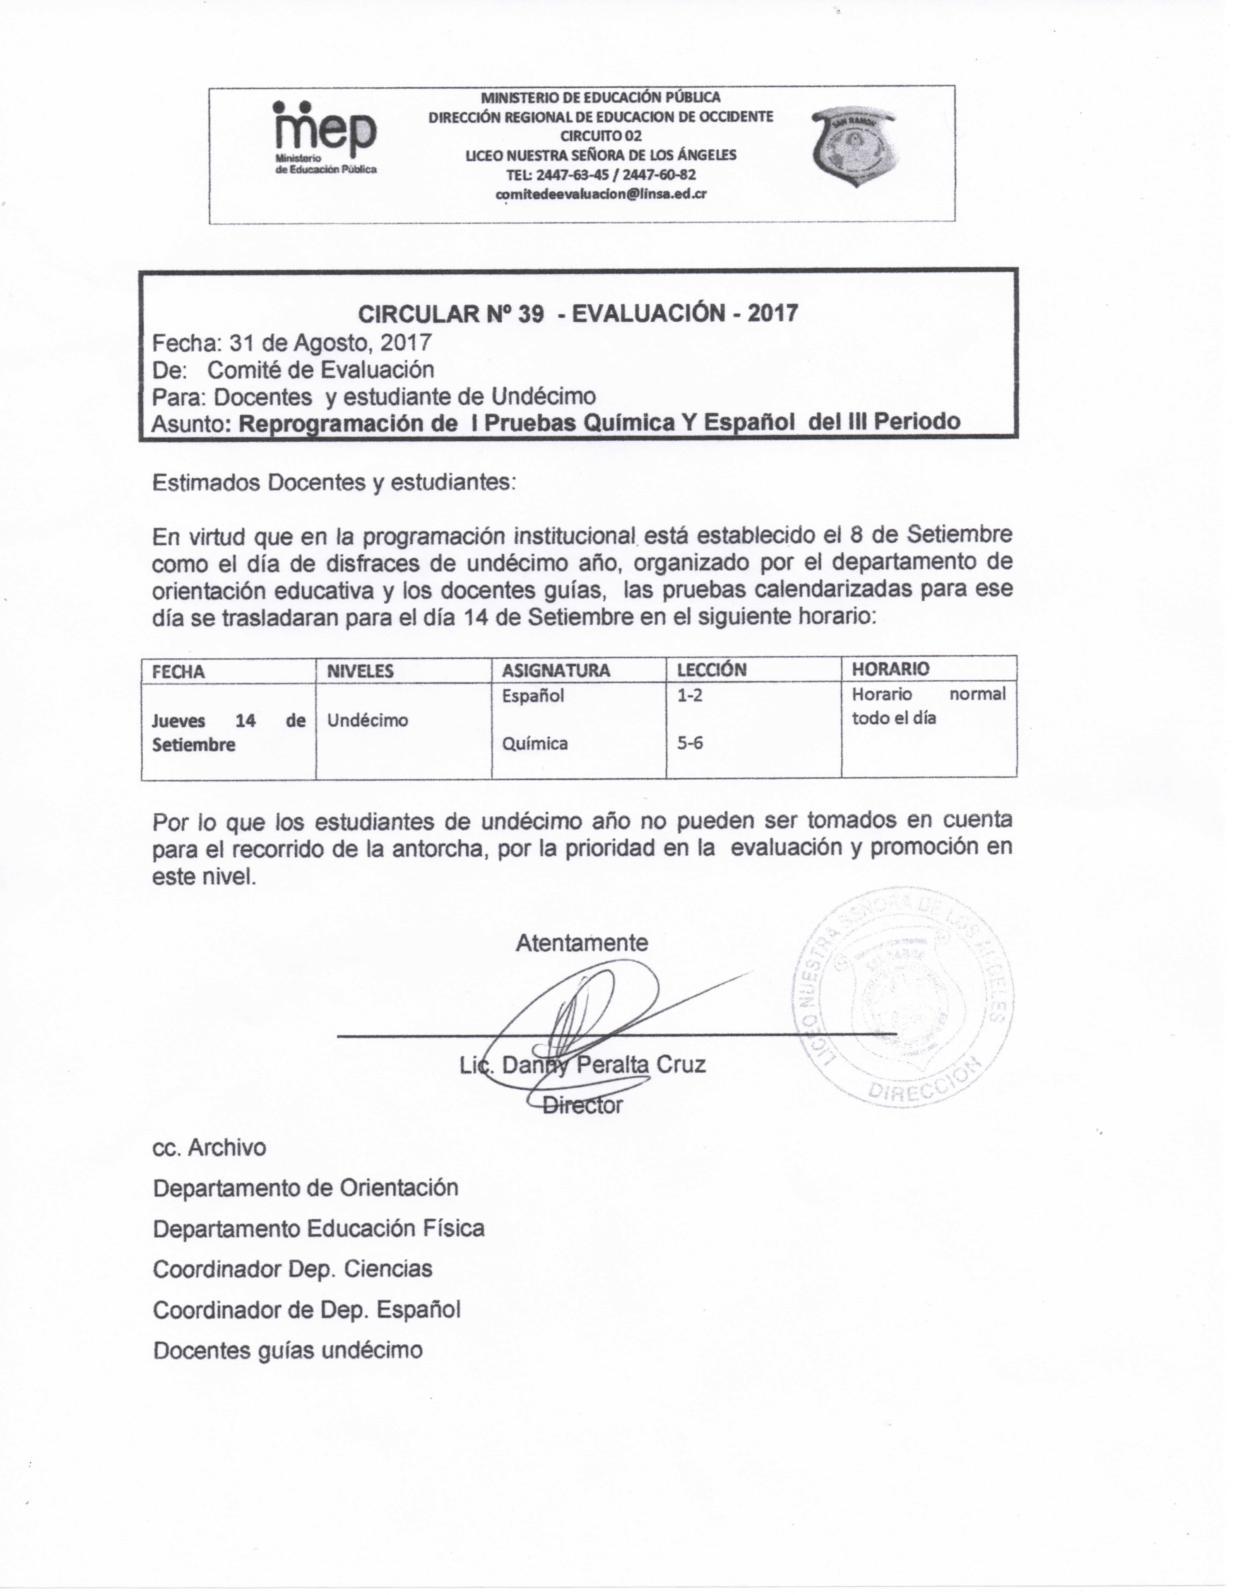 Reprogramacidn De I Pruebas Quimica Y Español Del  III Periodo